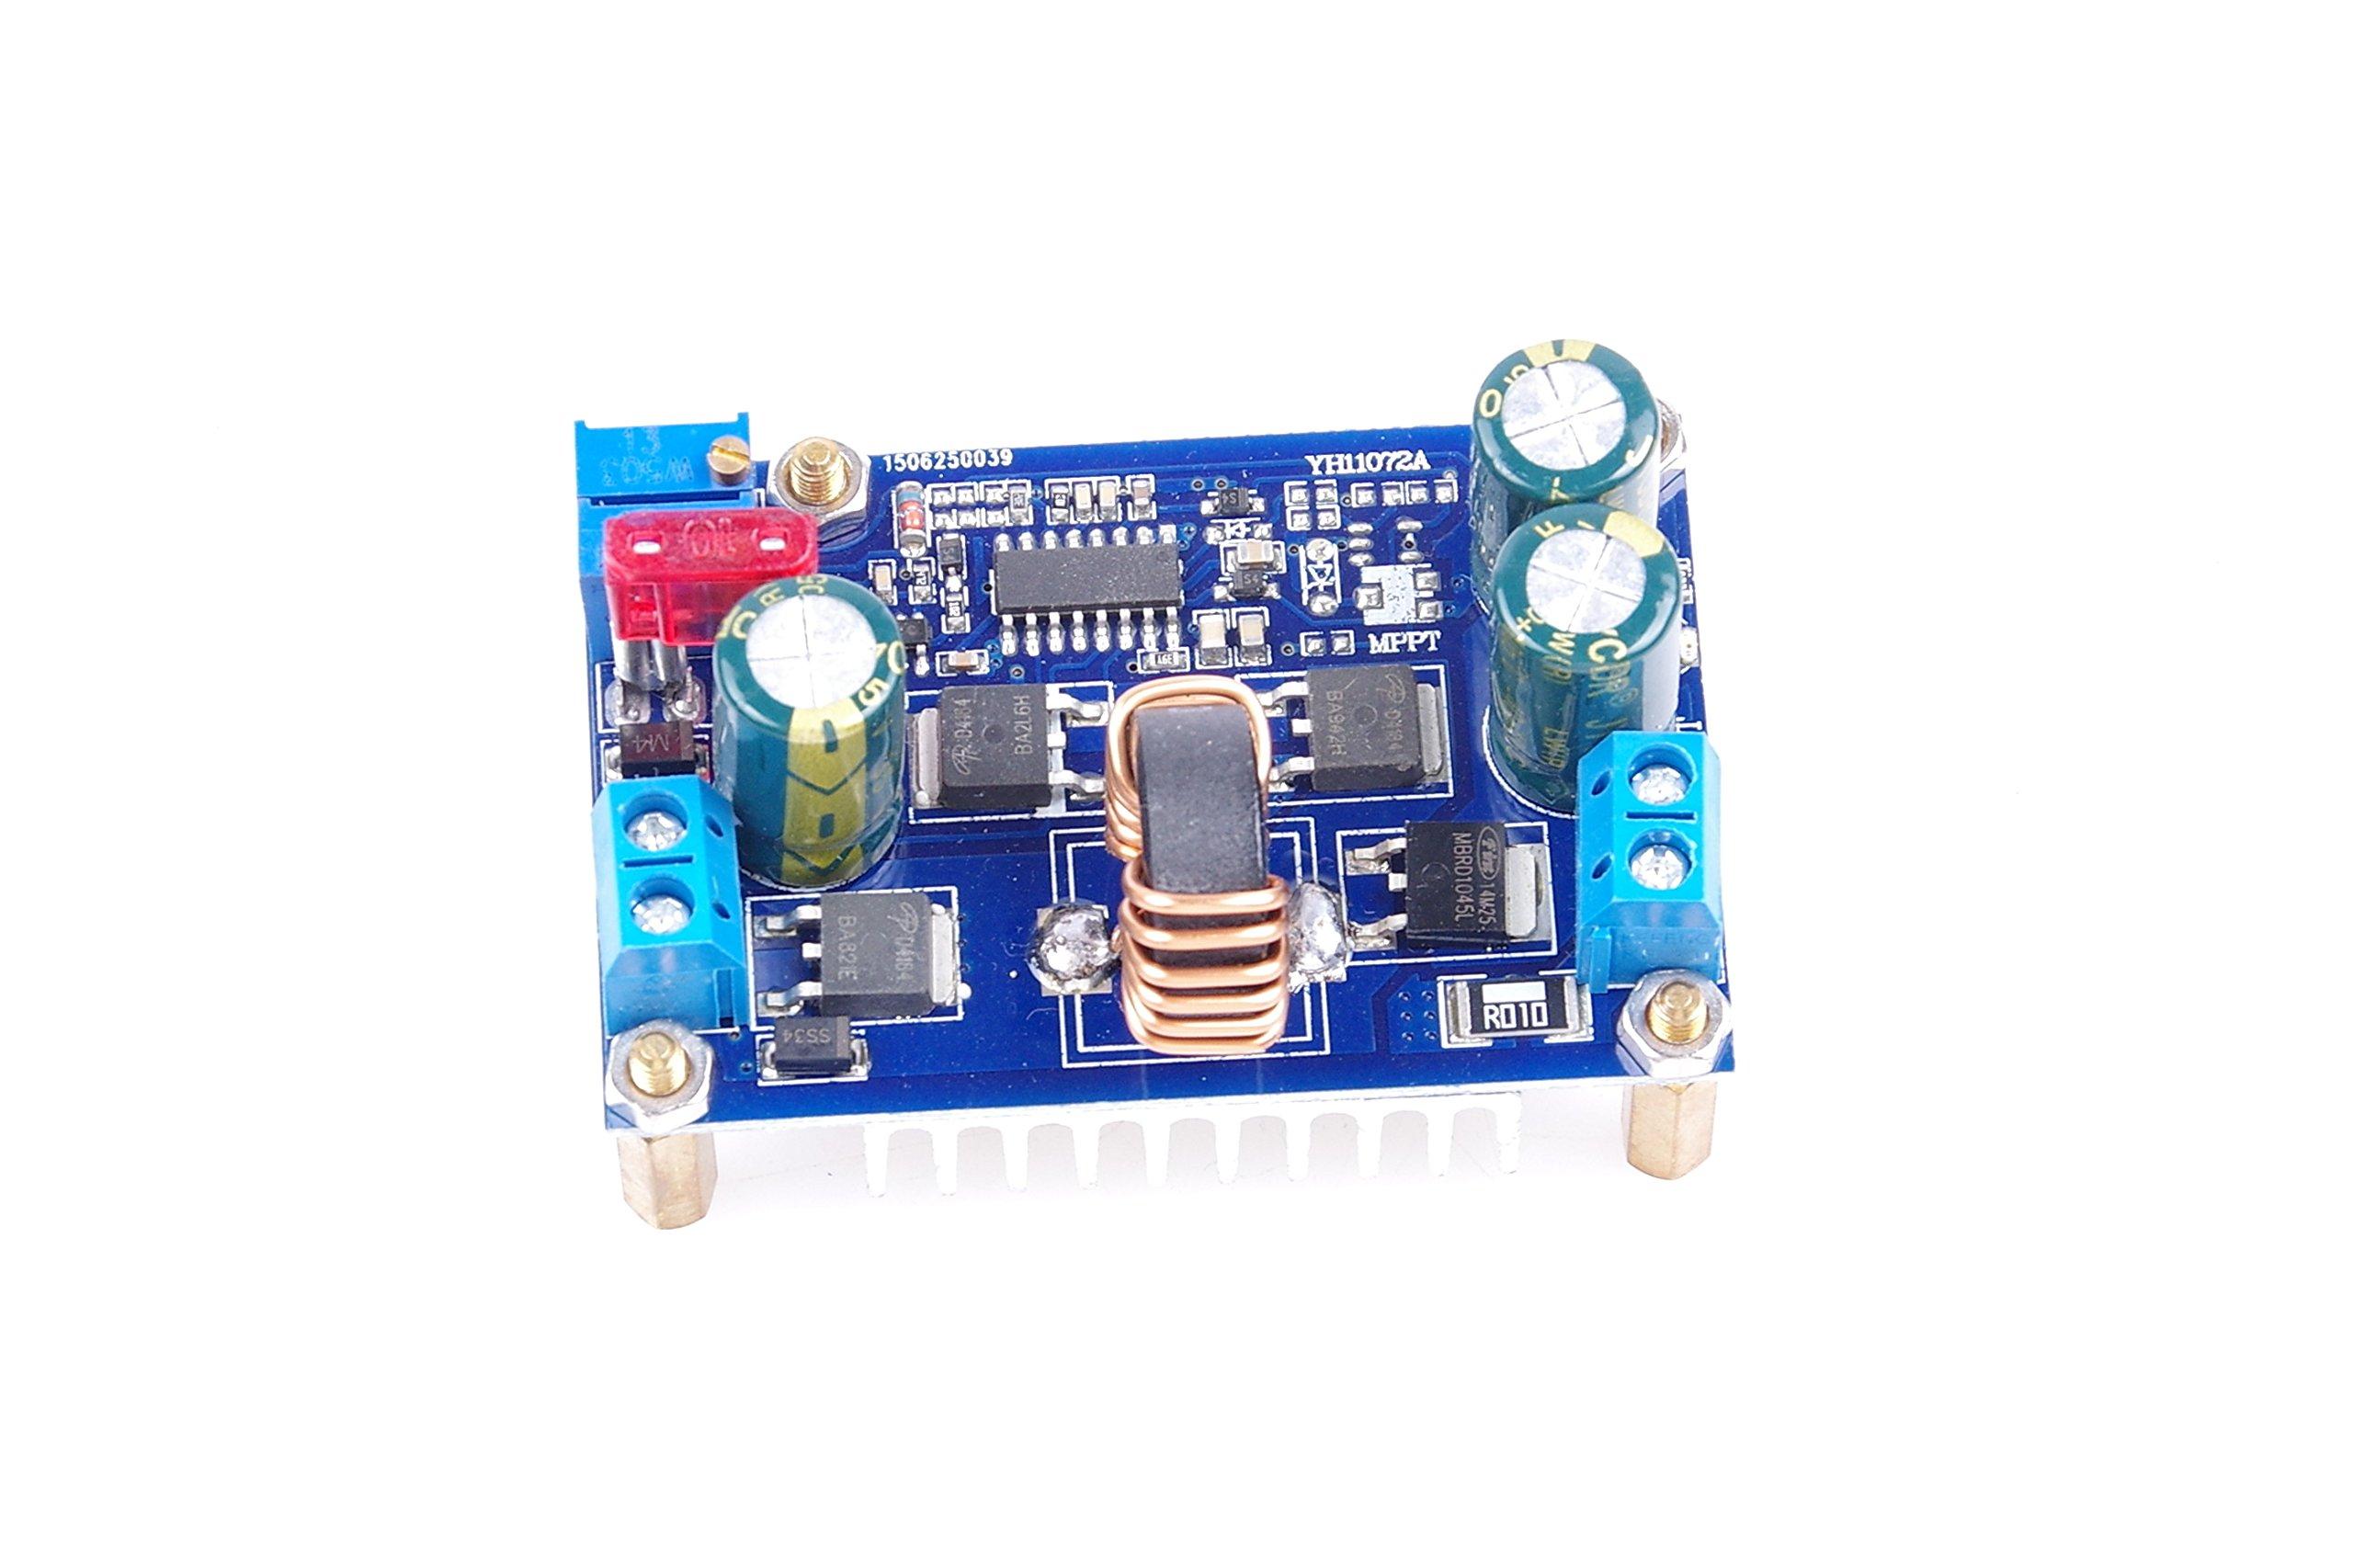 DC-DC 5A 60W Automatic Boost Buck Converter Module 60W Constant Voltage/Current Car Voltage Regulator DC 5V 9V 12V 24V (5-32V) to 3V 5V 9V 12V 18V 1.25-20V